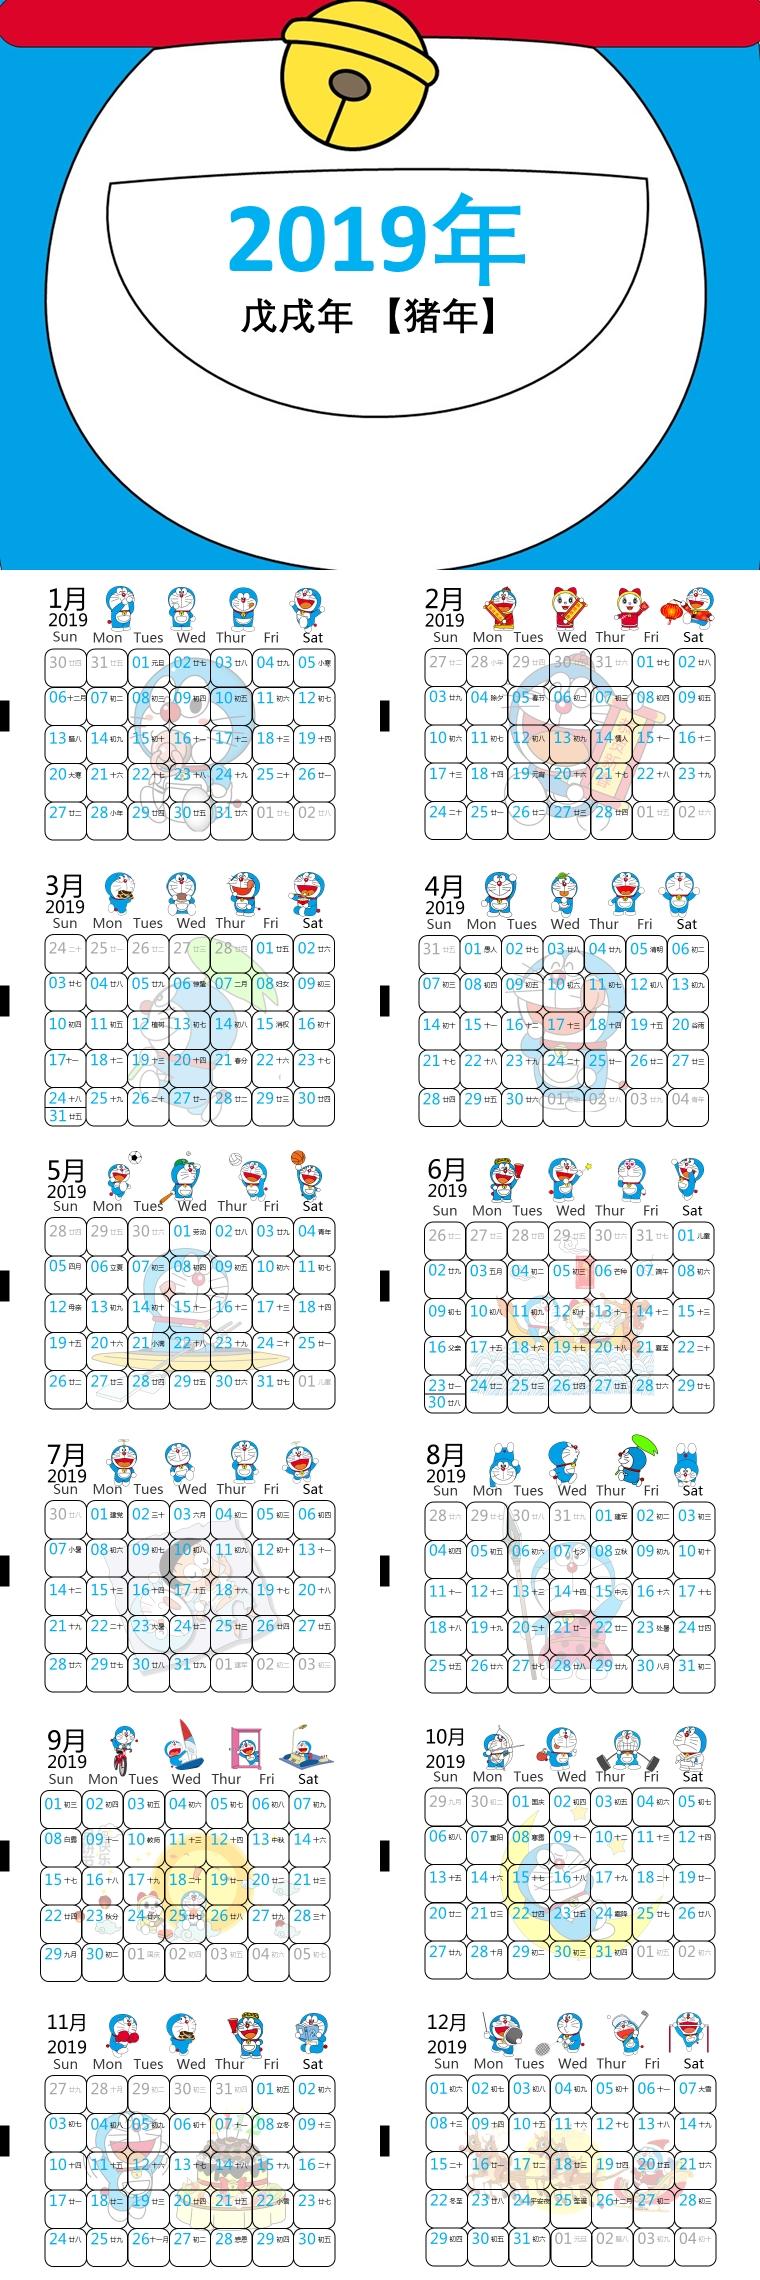 【日历数字图片素材】2019年哆啦a梦日历下载–演界网图片